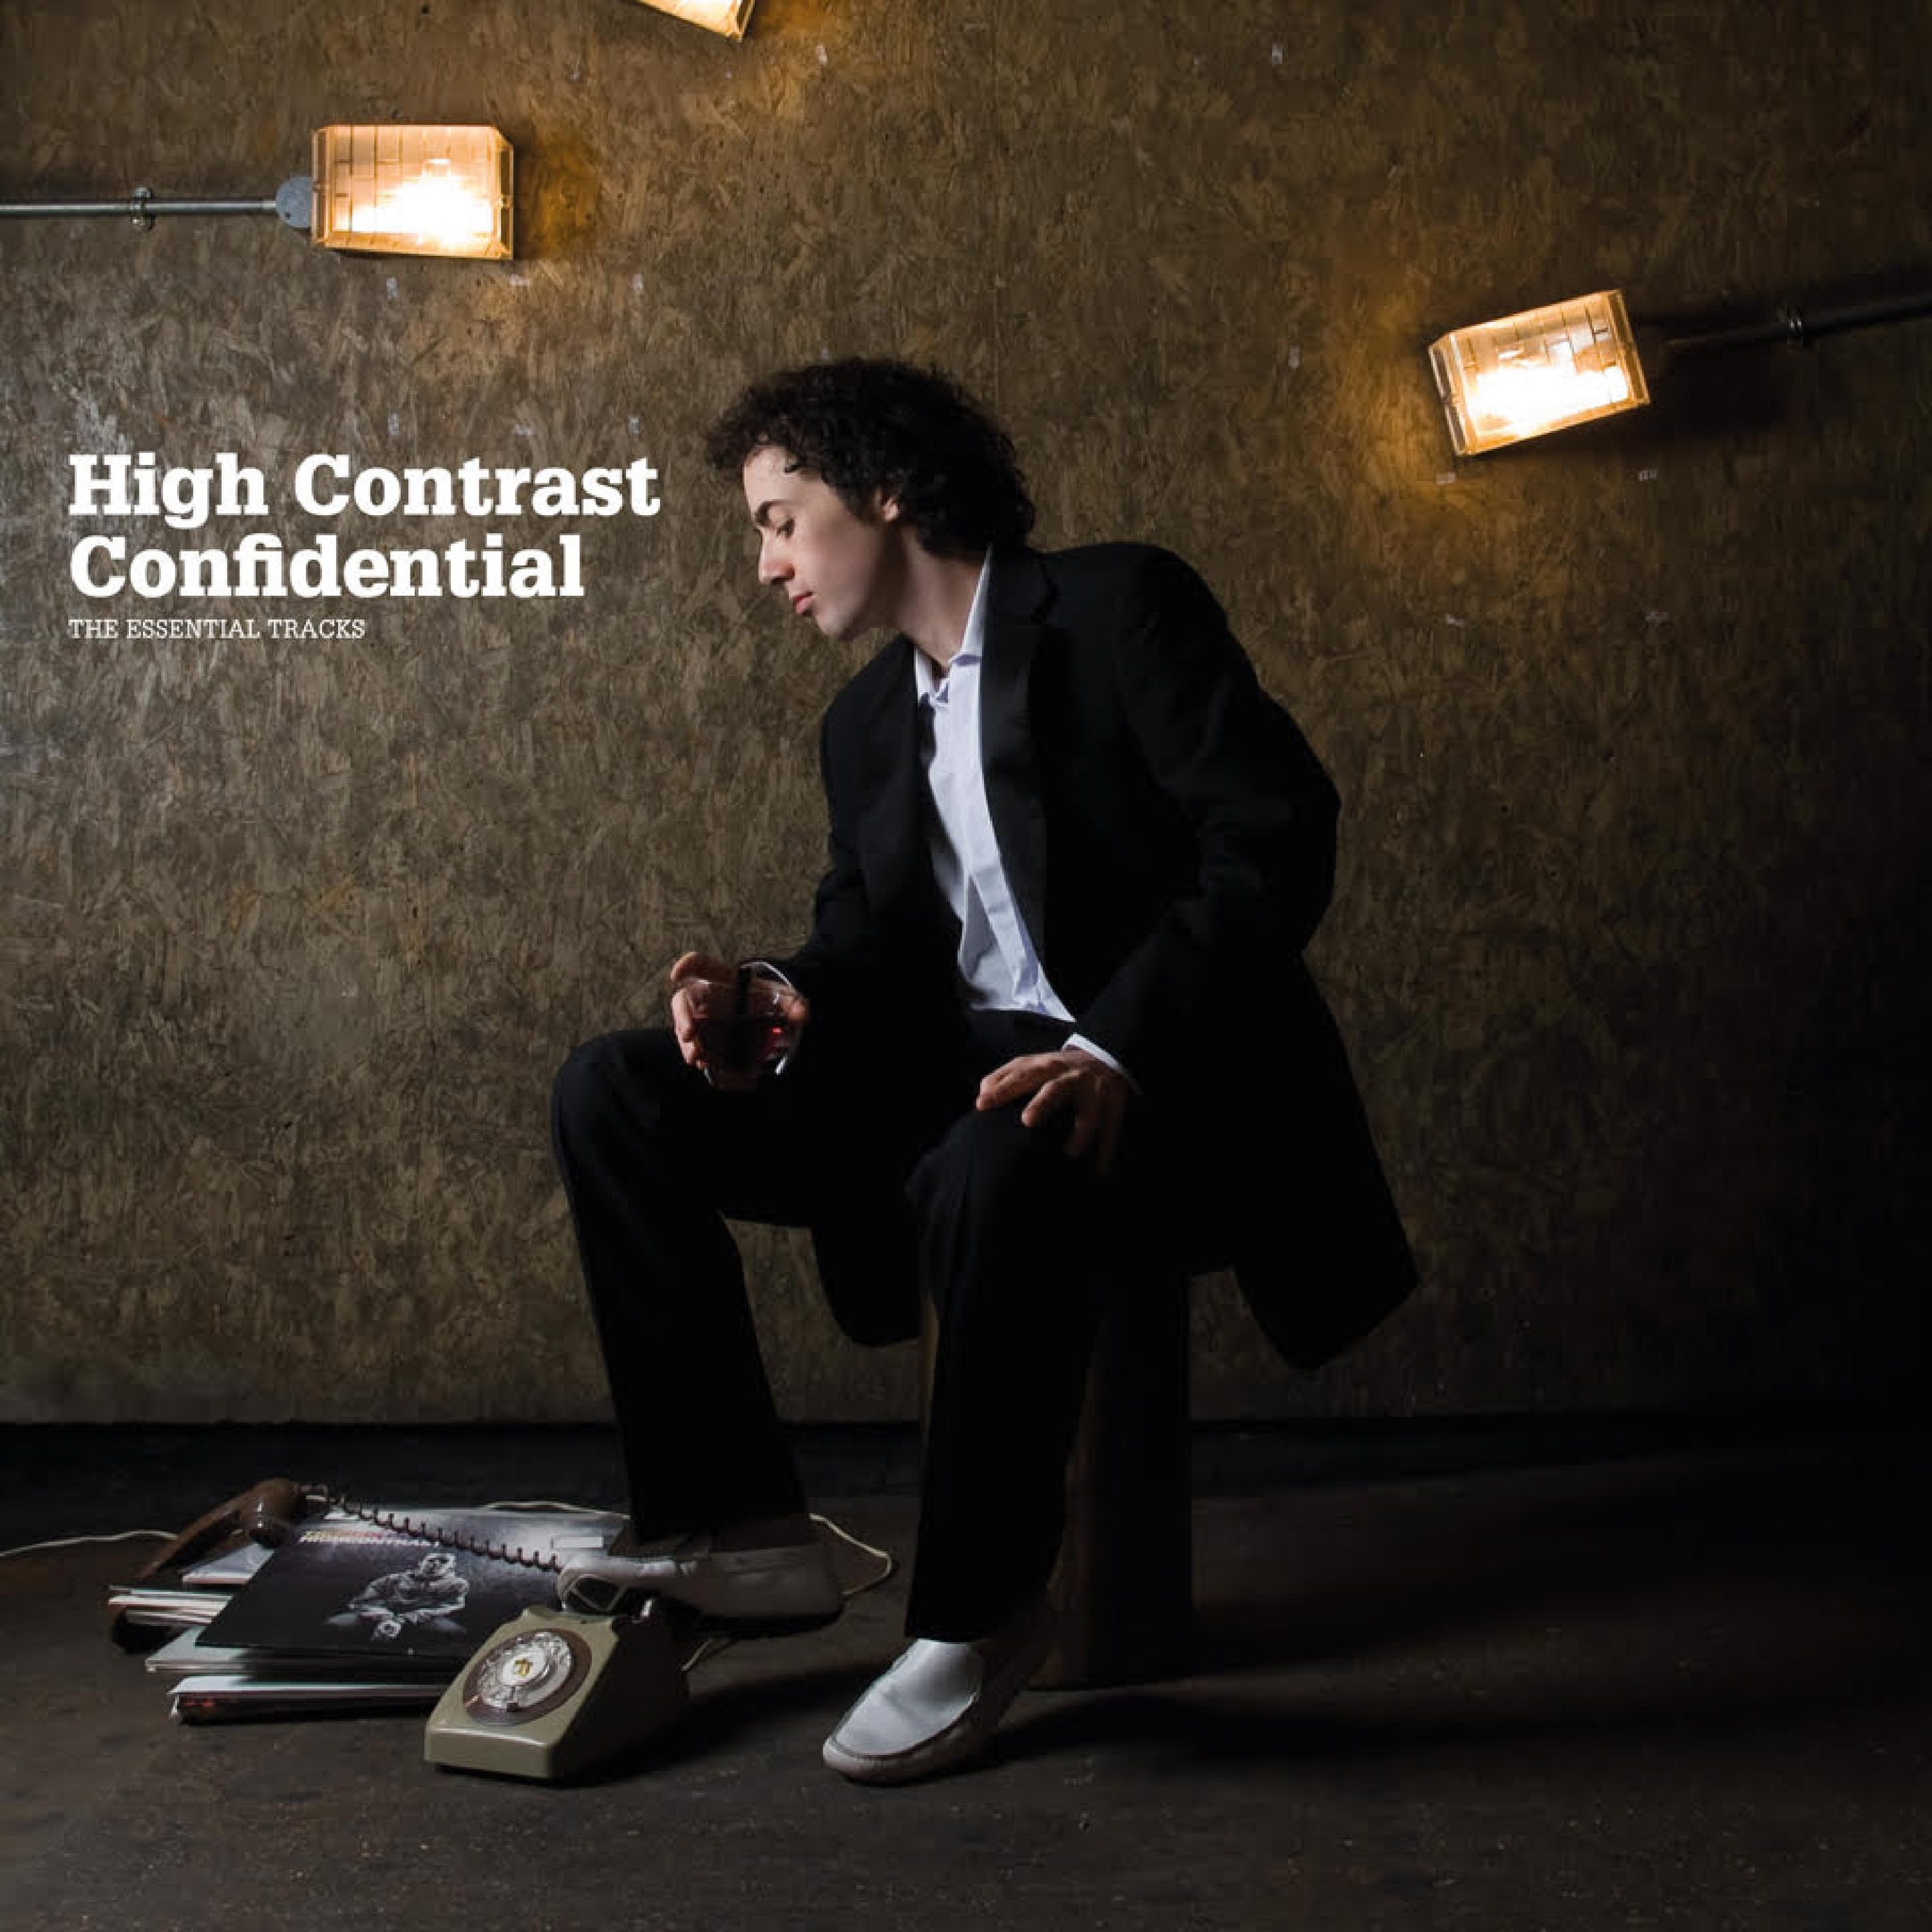 High Contrast album Confidential